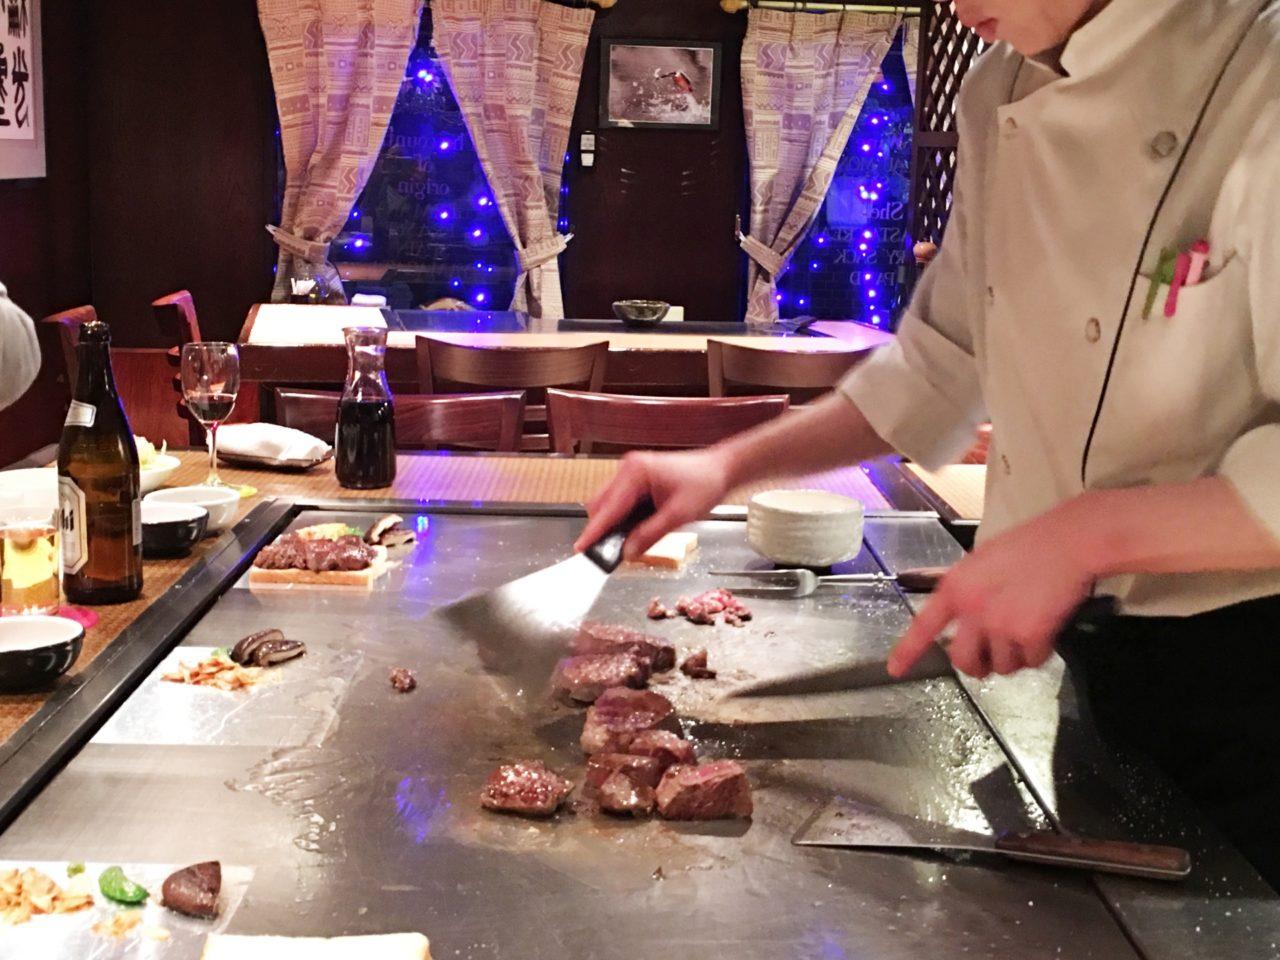 【小学生の子供が喜ぶレストラン】沖縄旅行で思い出に残るお店は?